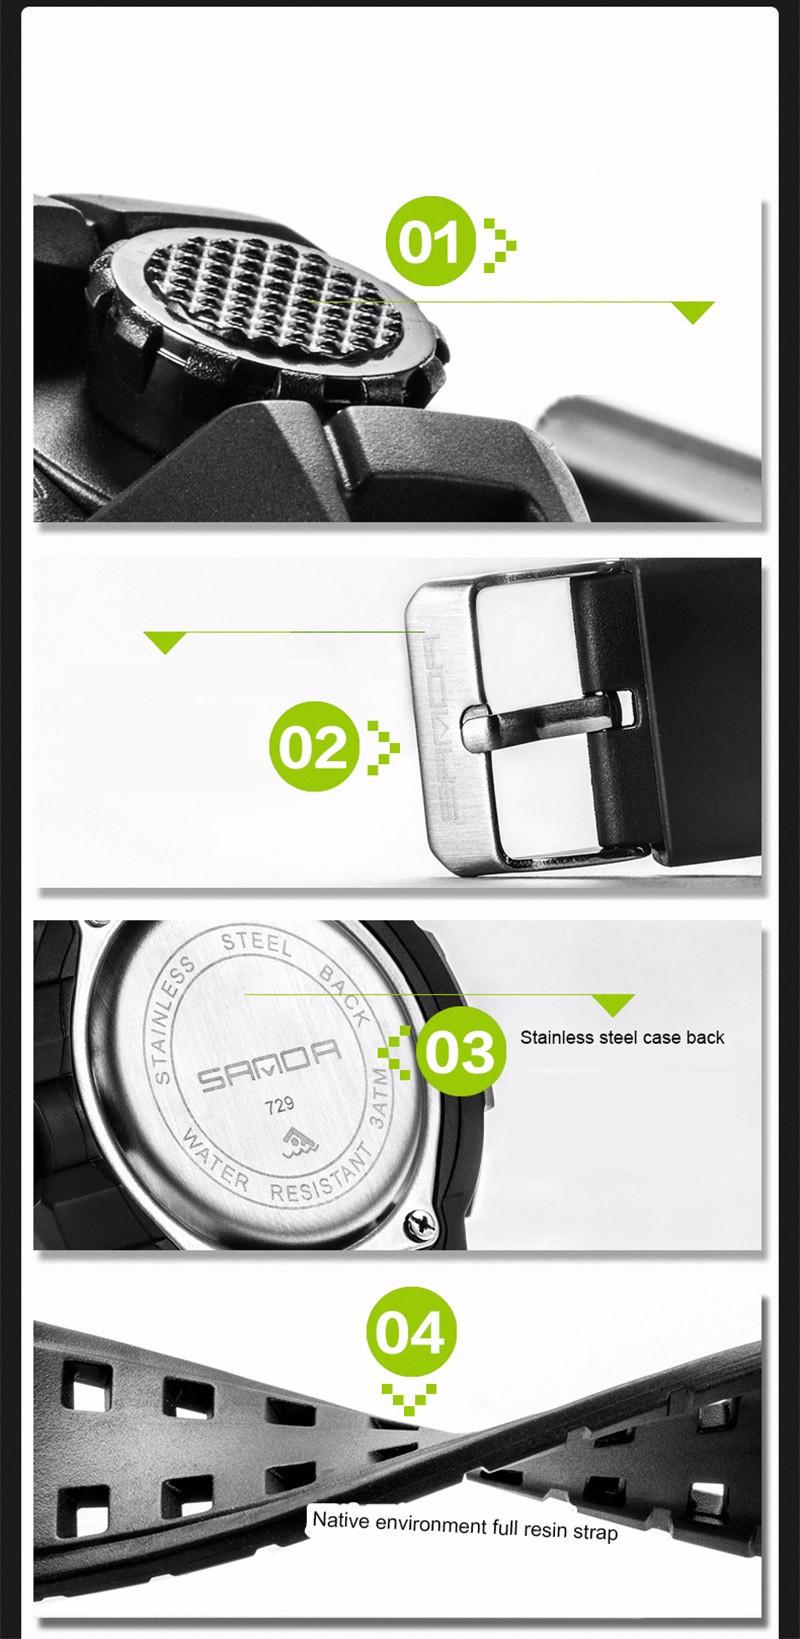 2016 Новый Двойное Движение многофункциональные Спортивные Электронные часы студентов смотреть моды пластины подростков нейтральный спортивные часы